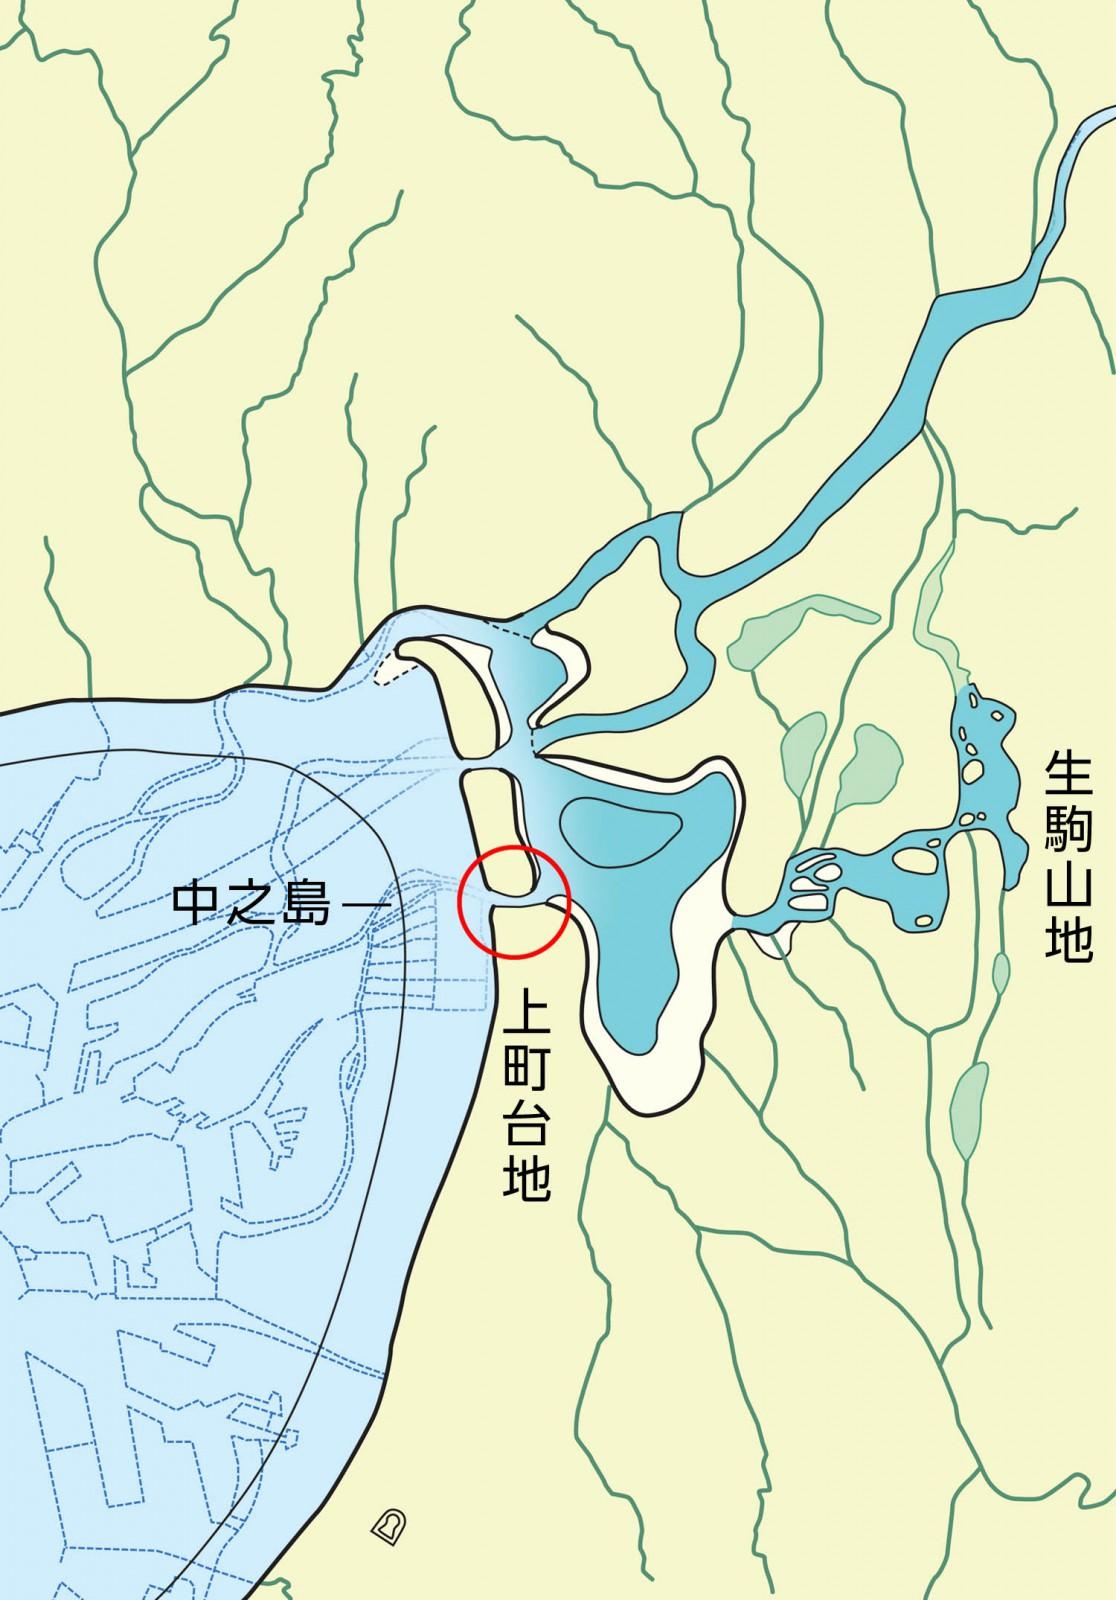 5世紀頃の古地理図ー河内湾は河内湖になり、細長く伸びた砂州を越えて水の通り道が形成されていく。〇が難波堀江と推定される場所。